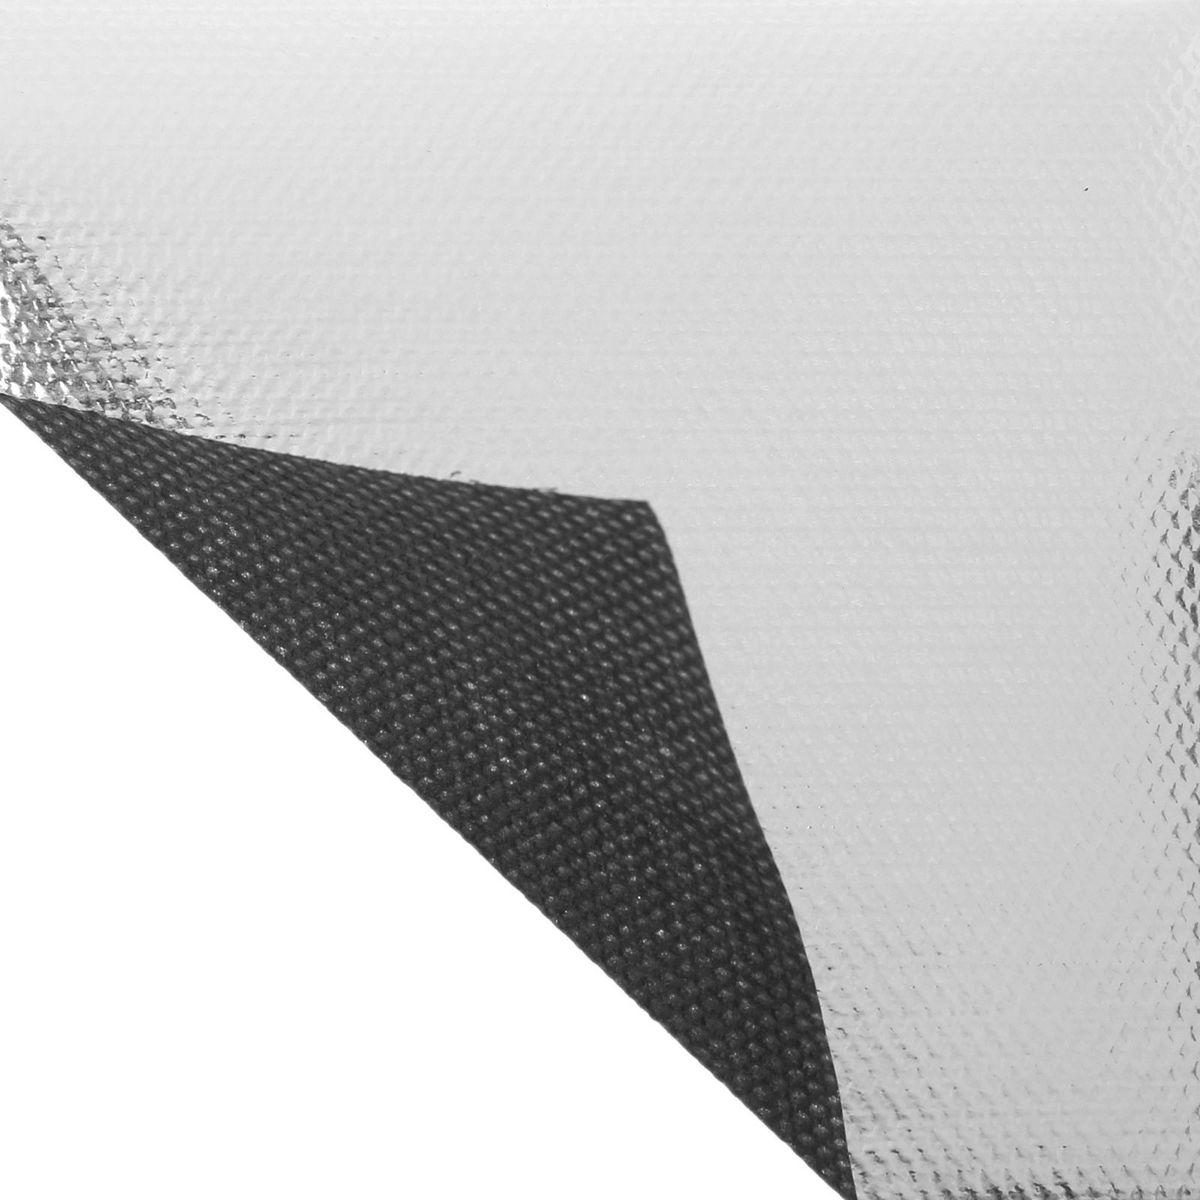 Материал укрывной Агротекс Двойное тепло, фольгированный, цвет: серебристый, черный, 5 х 1,6 м. 13092481309248Укрывной материал «Двойное тепло» — лучший выбор для выращивания рассады! Предлагаем вам убедиться в этом самим: гарантия ранней и крепкой рассады экономия средств на поливе, дополнительном освещении, гербицидах защита посадок от заморозков дополнительный свет для растений комфортный микроклимат под укрытием отсутствие необходимости прополки. Как работает «Двойное тепло»? Через нетканый материал проходит свет: часть его попадает на растение, а часть — на фольгированную мульчу. Затем снова отражается и попадает на фольгированную полосу на укрывном материале. В результате растение получает максимум света, так необходимого для дальнейшего развития. Укрывной материал «Двойное тепло» идеален для рассады огурцов, томатов, перцев, баклажанов и зелени. «Агротекс» заботится о вашем урожае, а мы заботимся о низкой цене и большом выборе.